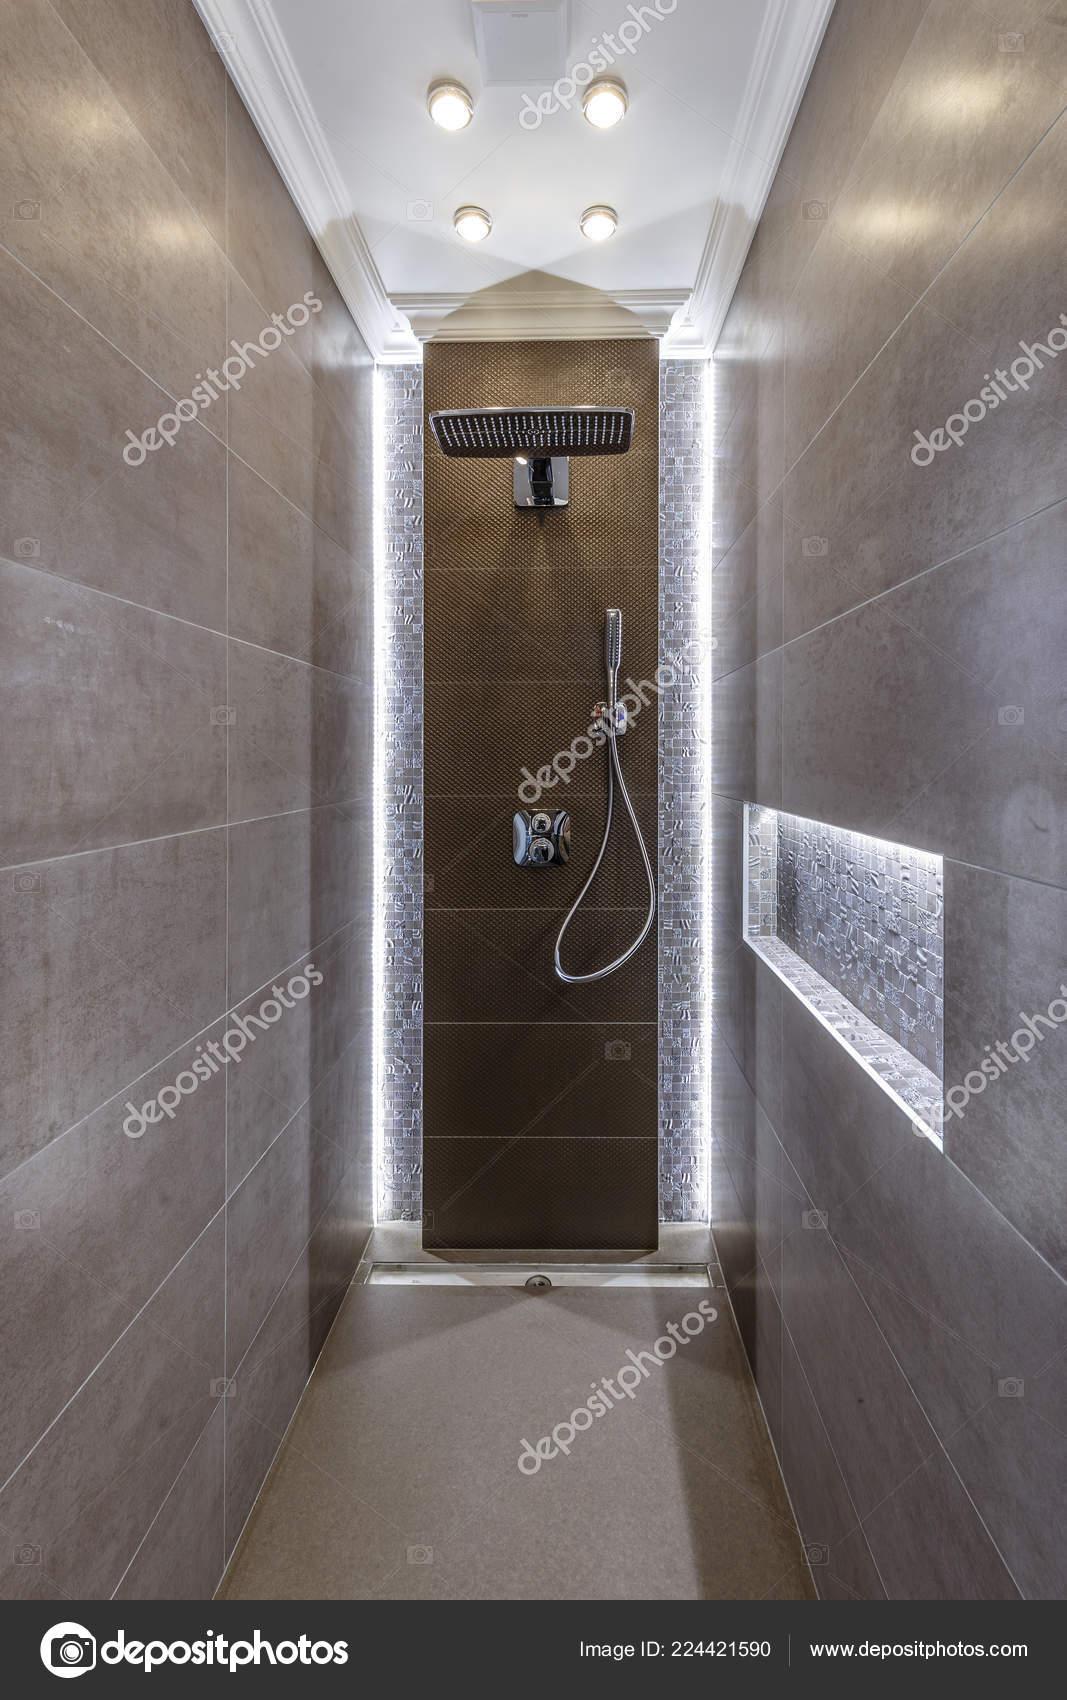 Marrone E Blu Arredo Bagno In Tessuto Con Ganci Scenery Decor Shower Shower Single Window With White Curtain On A Wooden Made Foto Di Casa Di Boscaiolo Tende Da Doccia Binari E